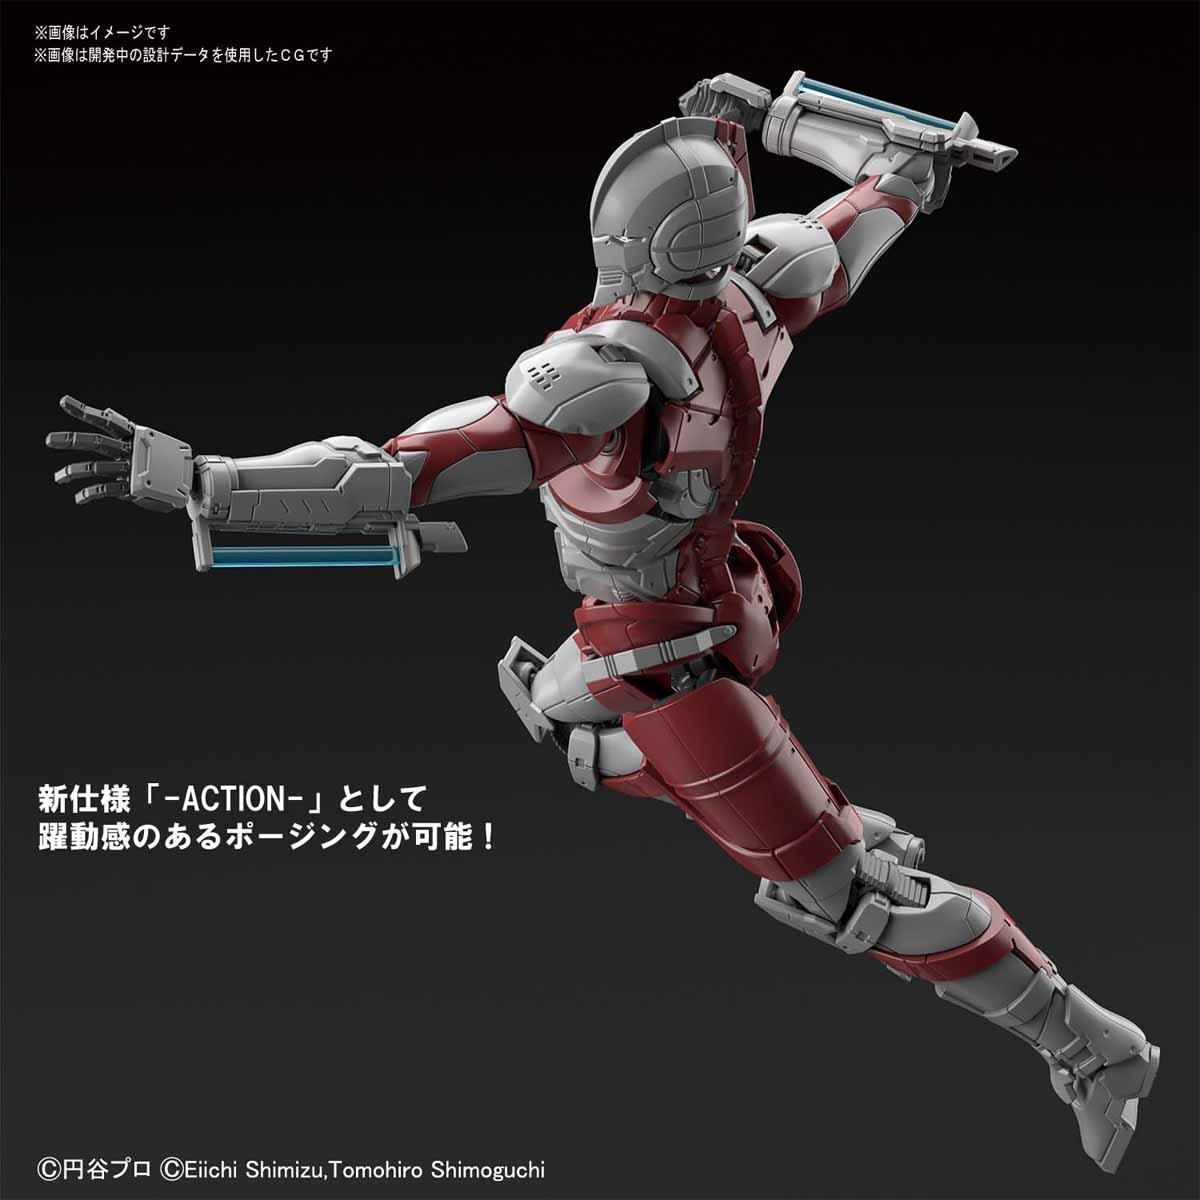 Figure-rise Standard『ULTRAMAN [B TYPE] -ACTION-』ウルトラマンスーツ Bタイプ 1/12 プラモデル-001